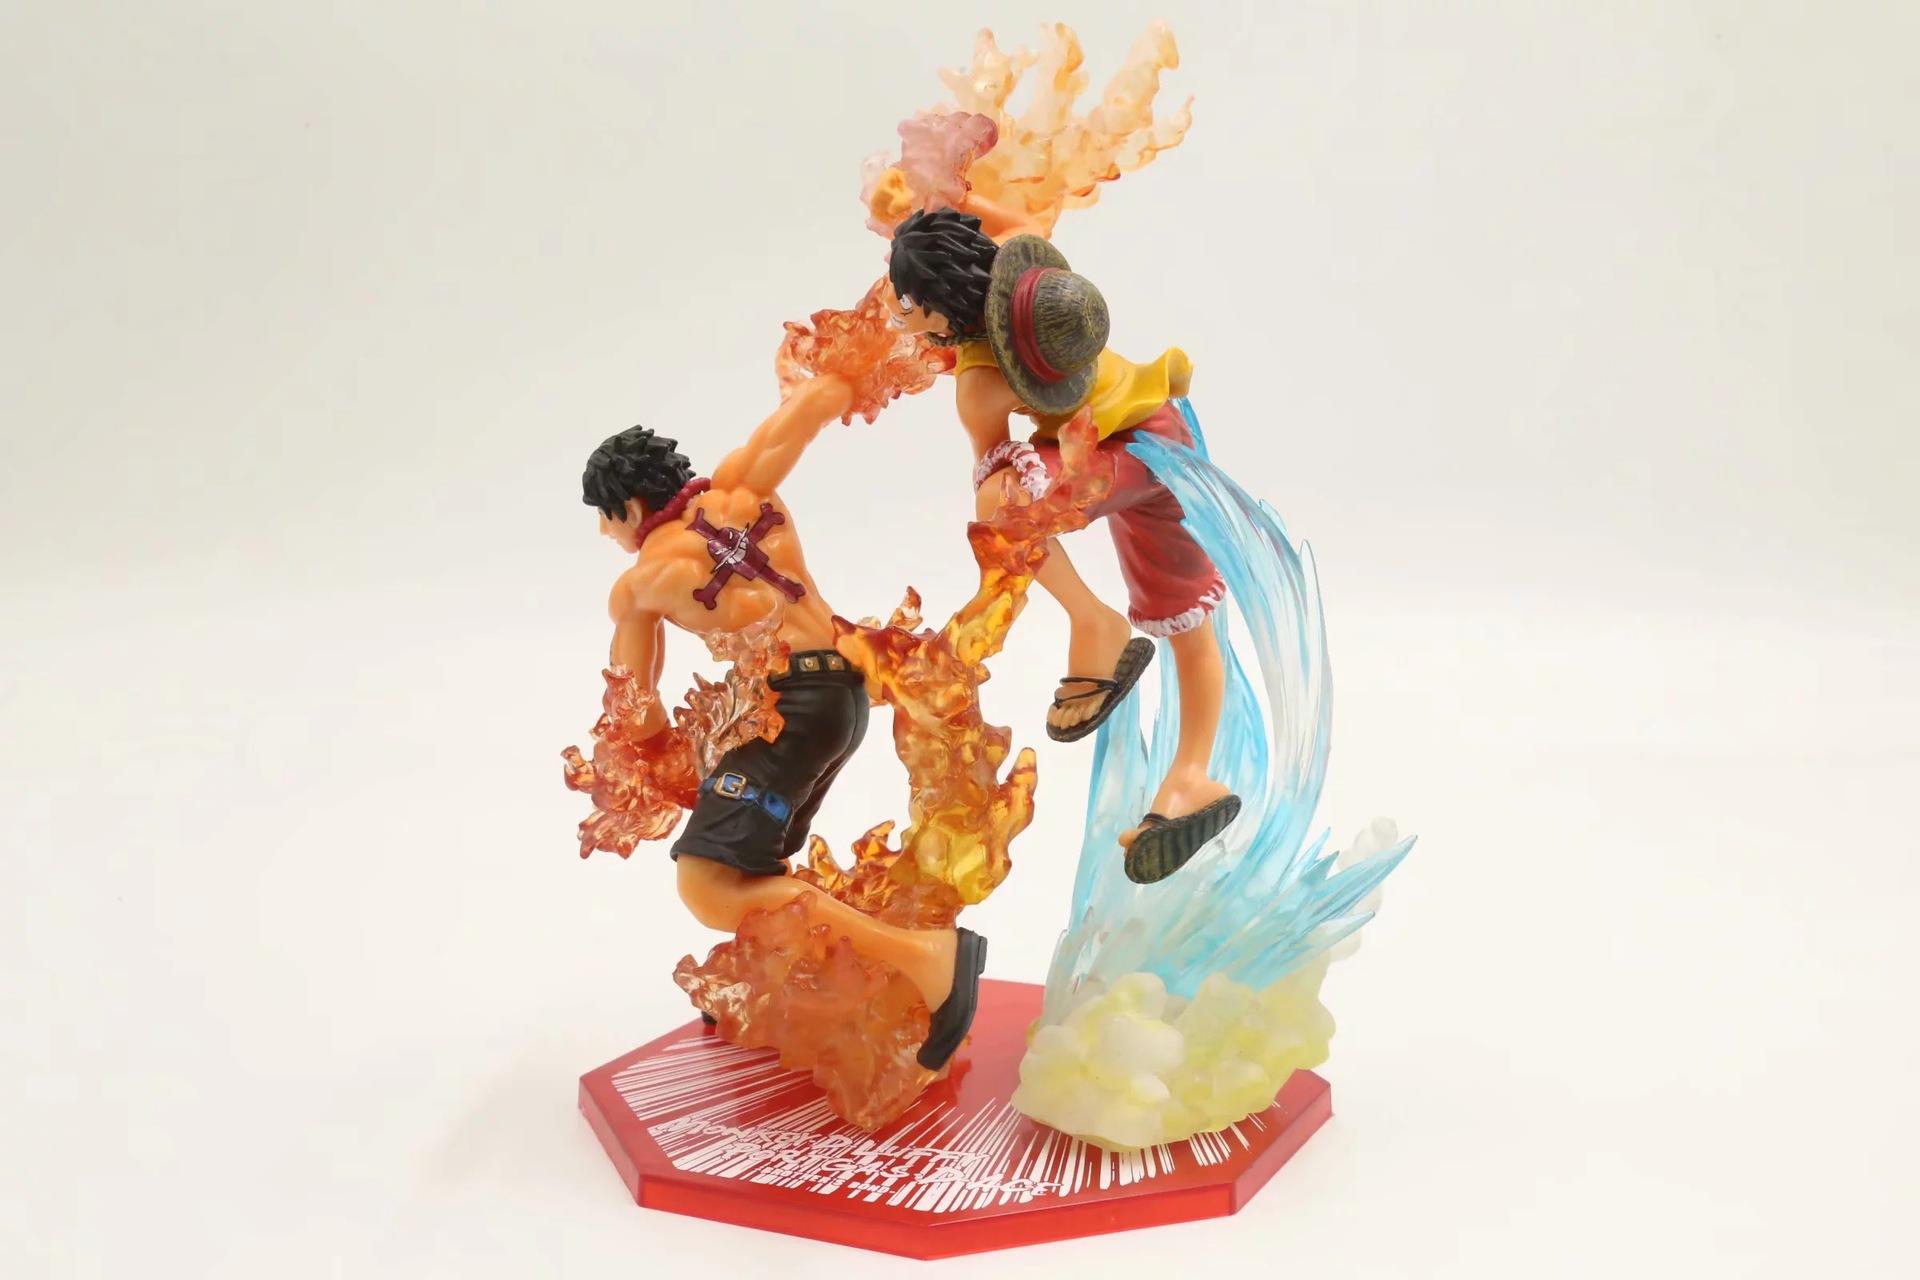 Pirate / Hainan brothers tripping technology ZERO AI Lu Fei battle box Boxed